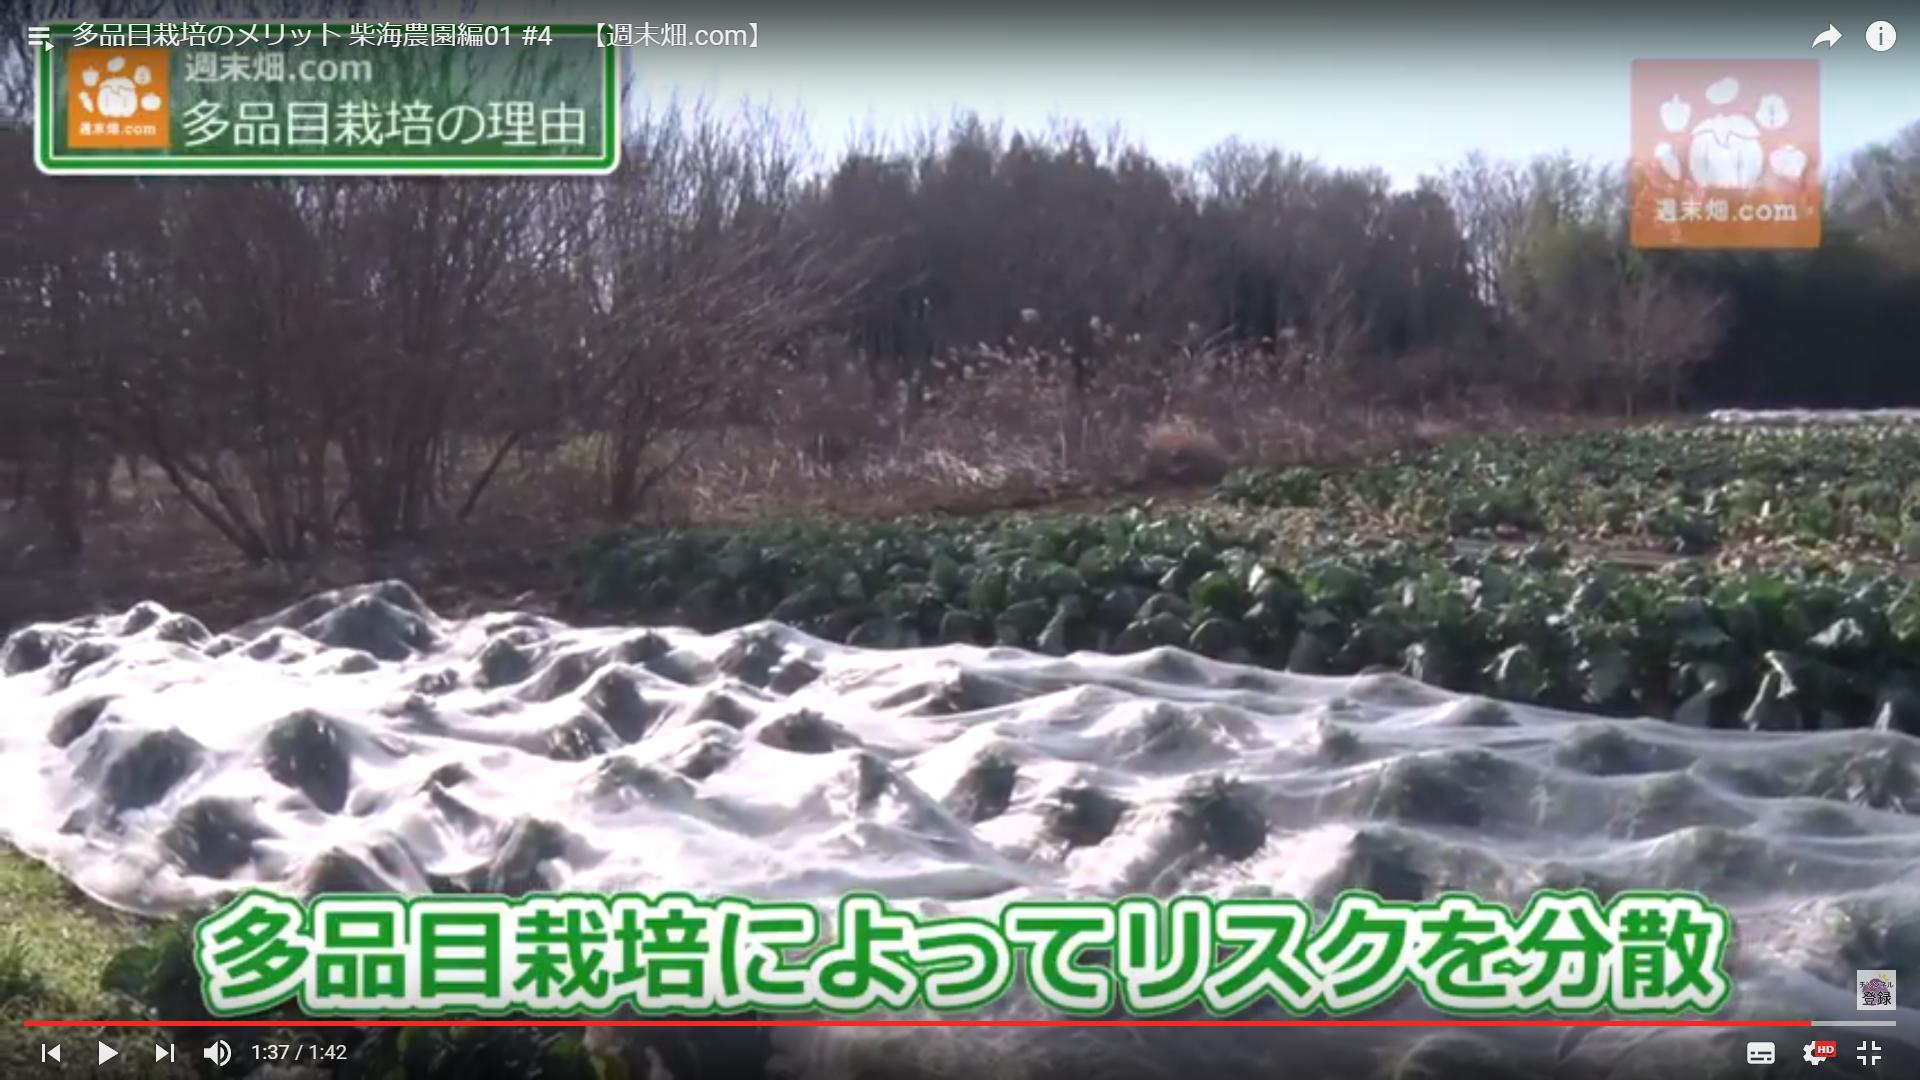 色々な野菜を植えている方がリスク分散になるという